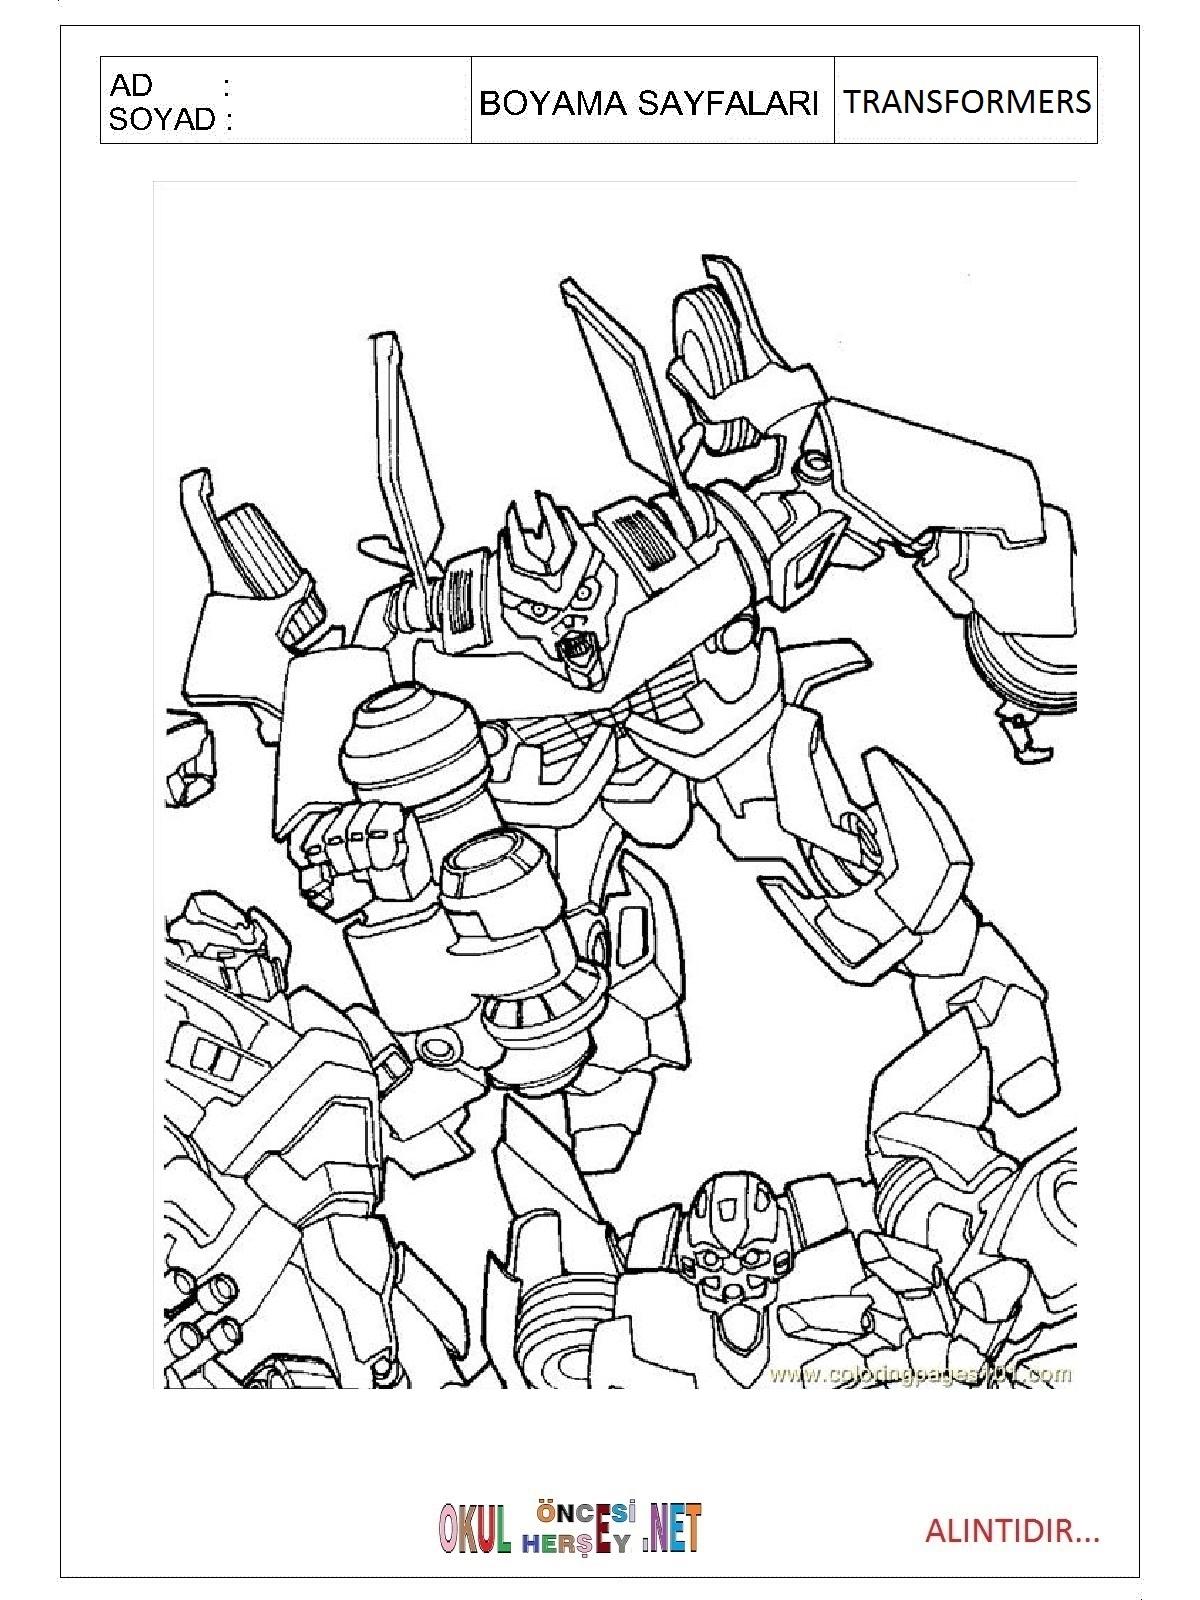 transformers boyama sayfalari